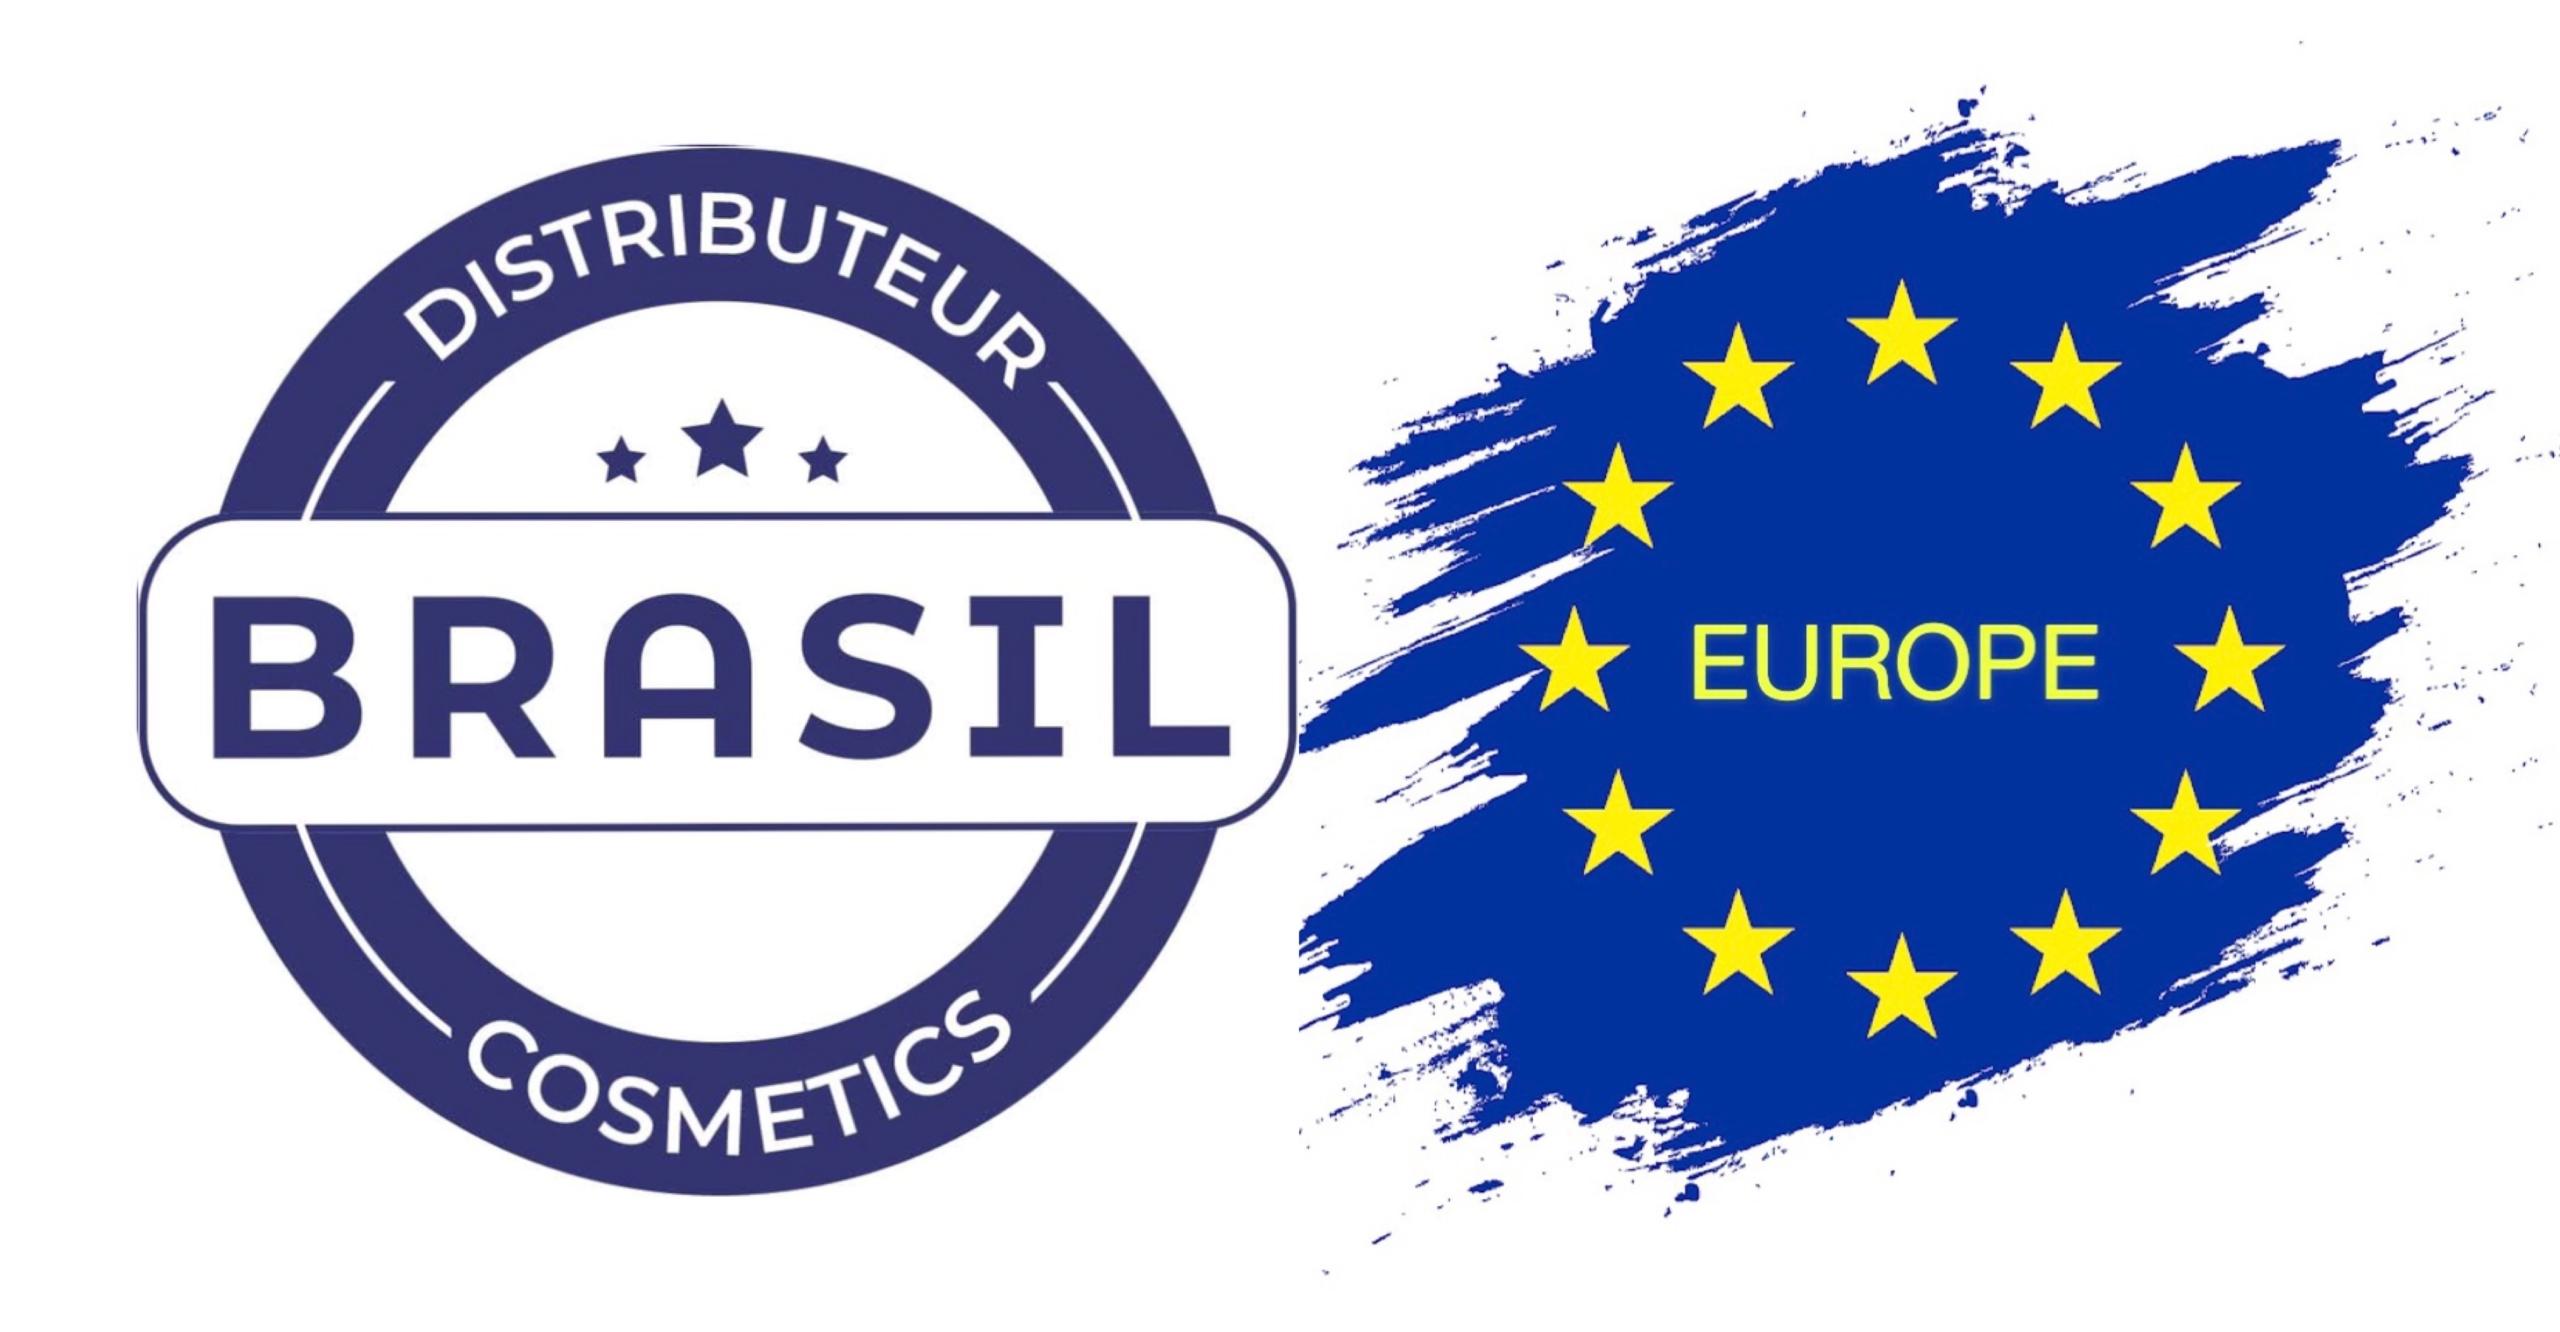 Le n°1 du Lissage Brésilien Organic en Europe